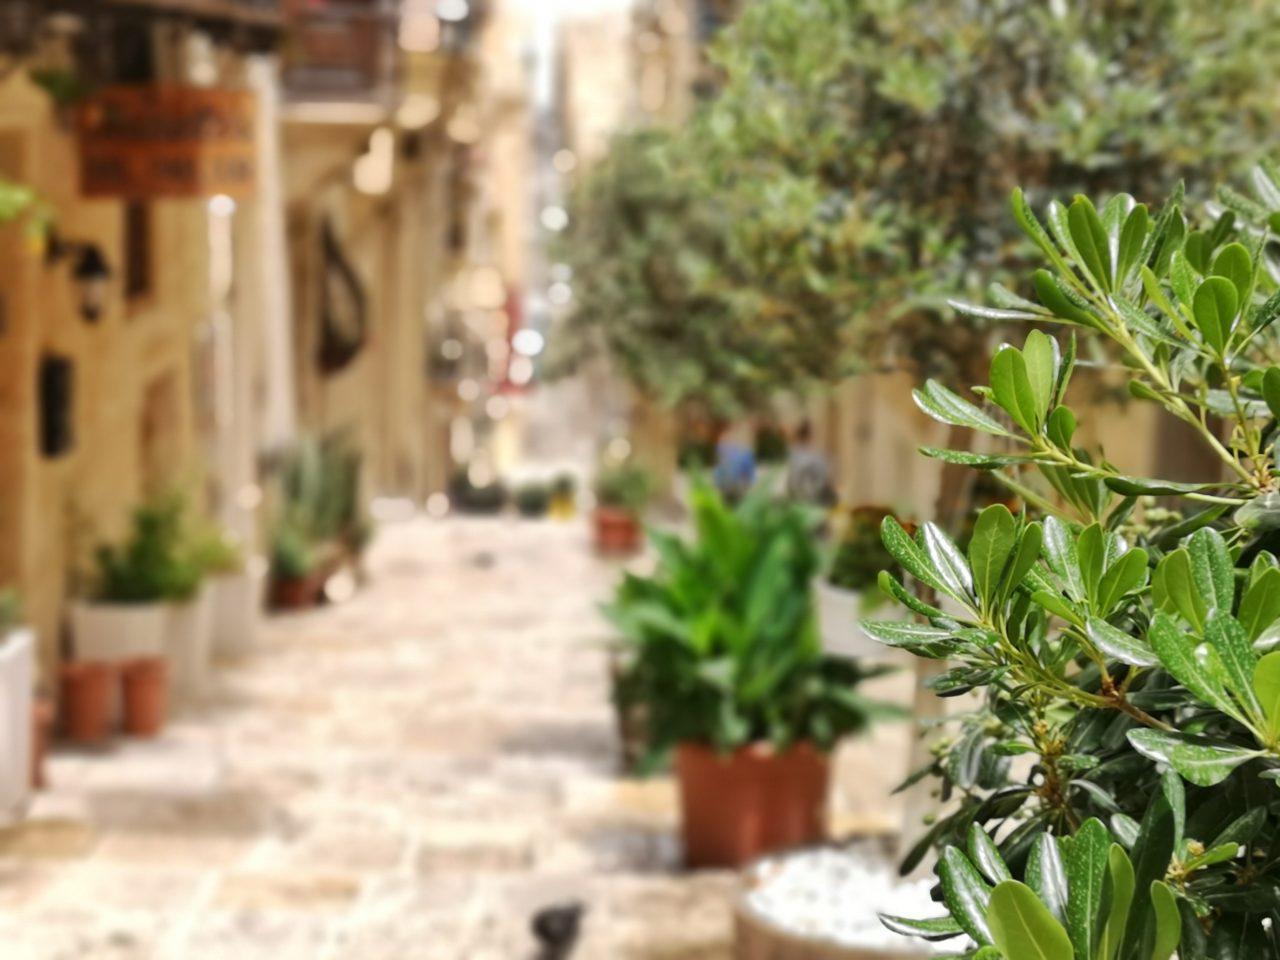 Valletta's steile Straßen und Gassen bilden den perfekten Fotohintergrund. Wanderhunger